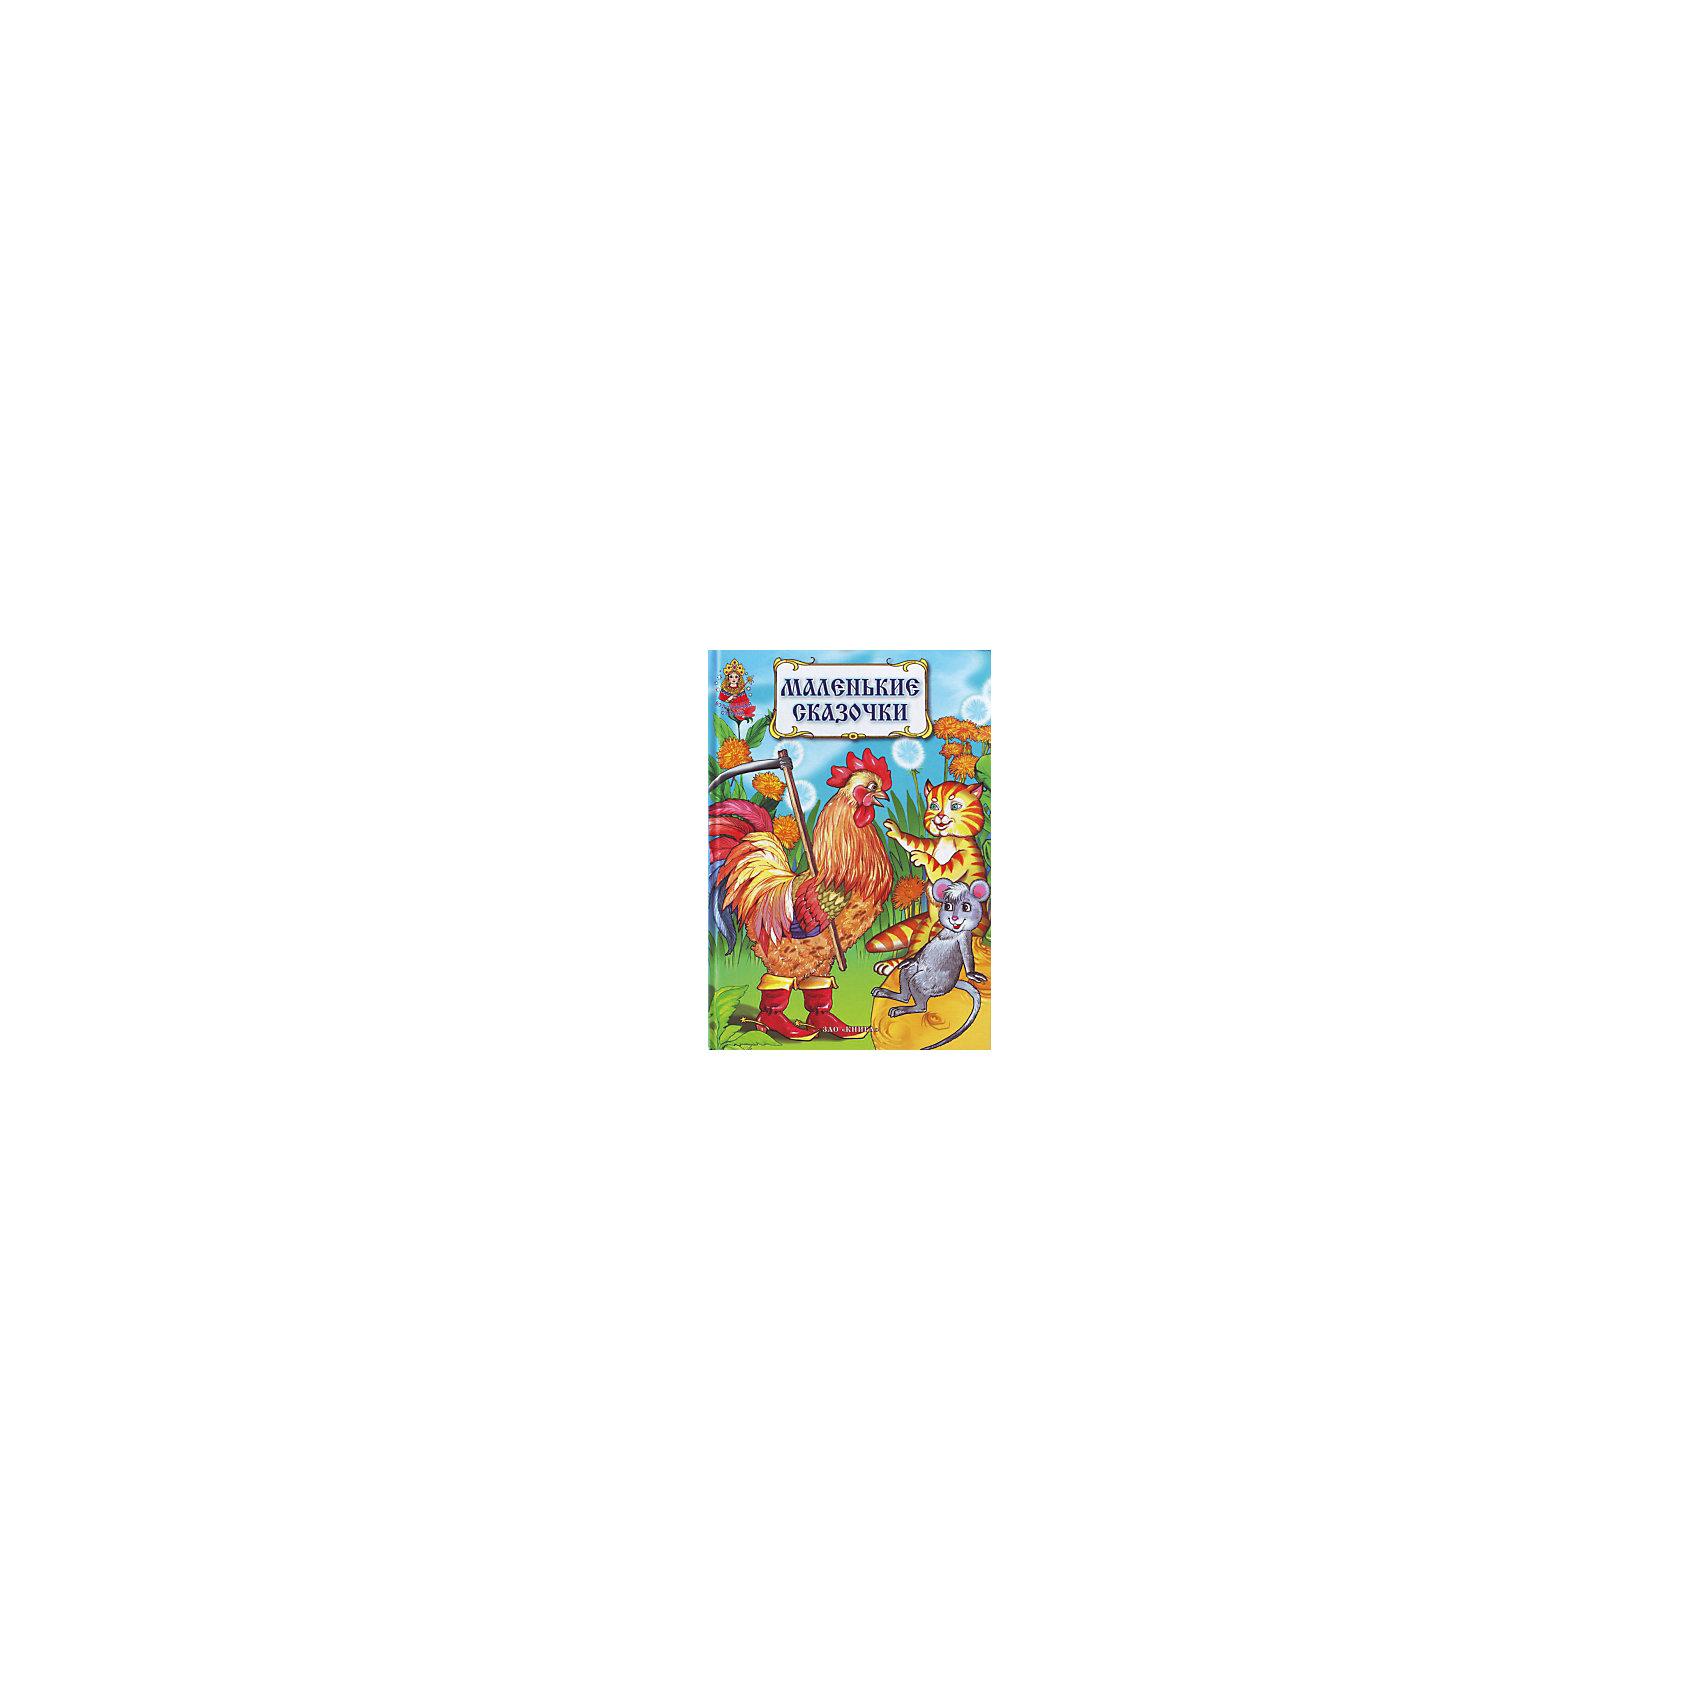 Маленькие сказочки: серия сказок Волшебная странаРусские сказки<br>Красочно иллюстрированная книга русских народных сказок.Для чтения взрослыми детям.<br><br>Ширина мм: 245<br>Глубина мм: 170<br>Высота мм: 100<br>Вес г: 500<br>Возраст от месяцев: 36<br>Возраст до месяцев: 2147483647<br>Пол: Унисекс<br>Возраст: Детский<br>SKU: 5521192